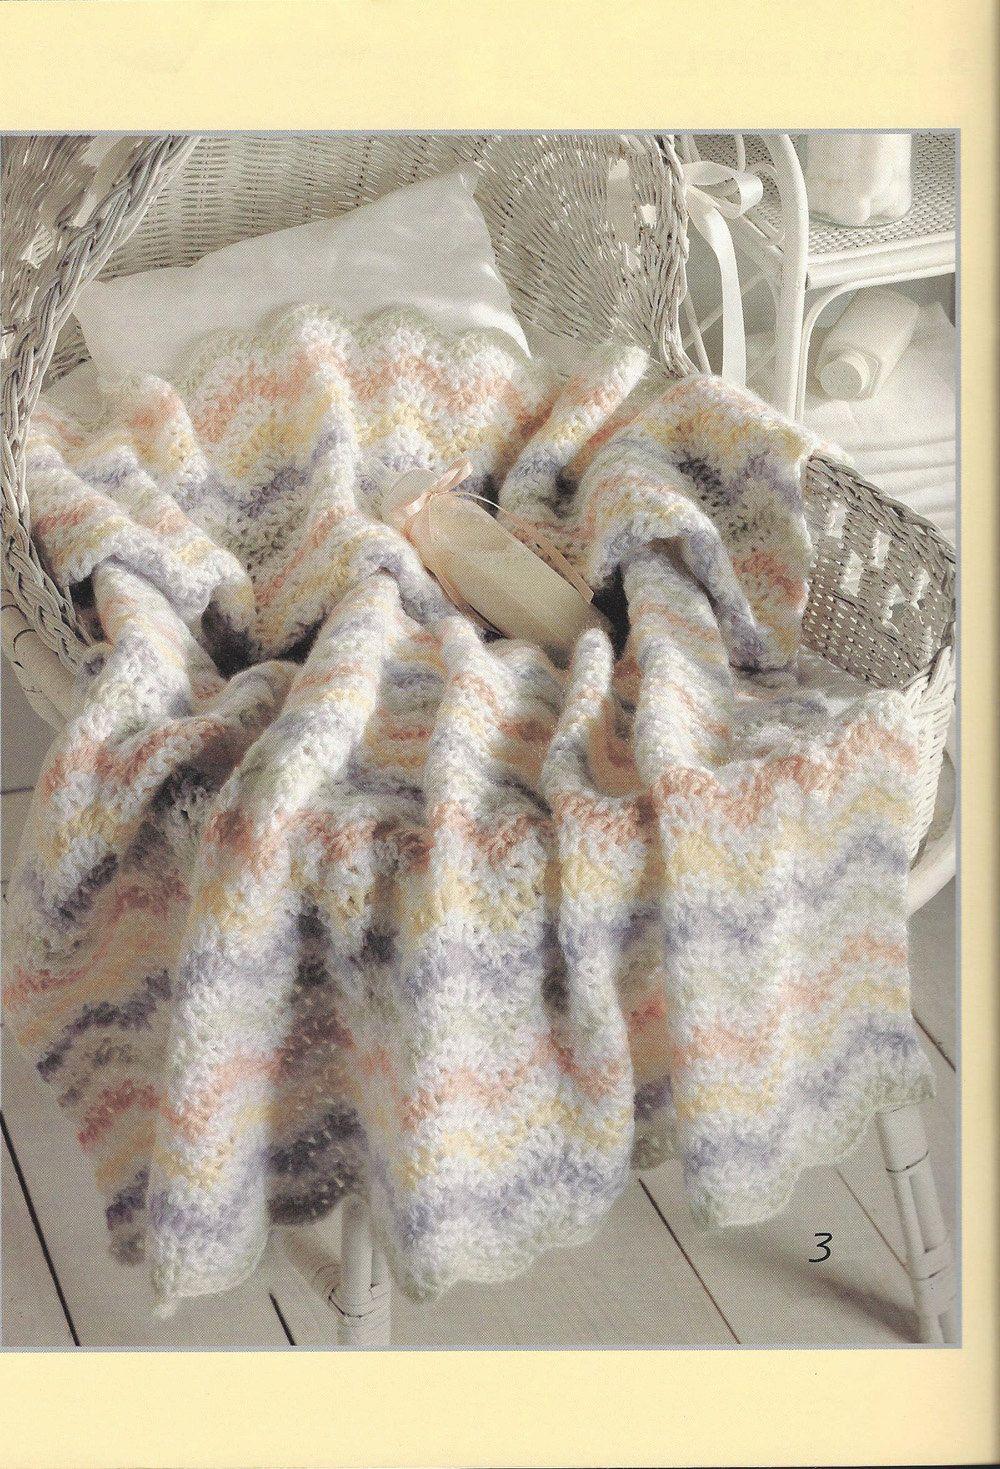 Ao longo dos Afegãos do Bebê do Arco-íris malha itens decorativos Criações -  /  Over The Rainbow Baby Afghans  Knit Knacks Creations -